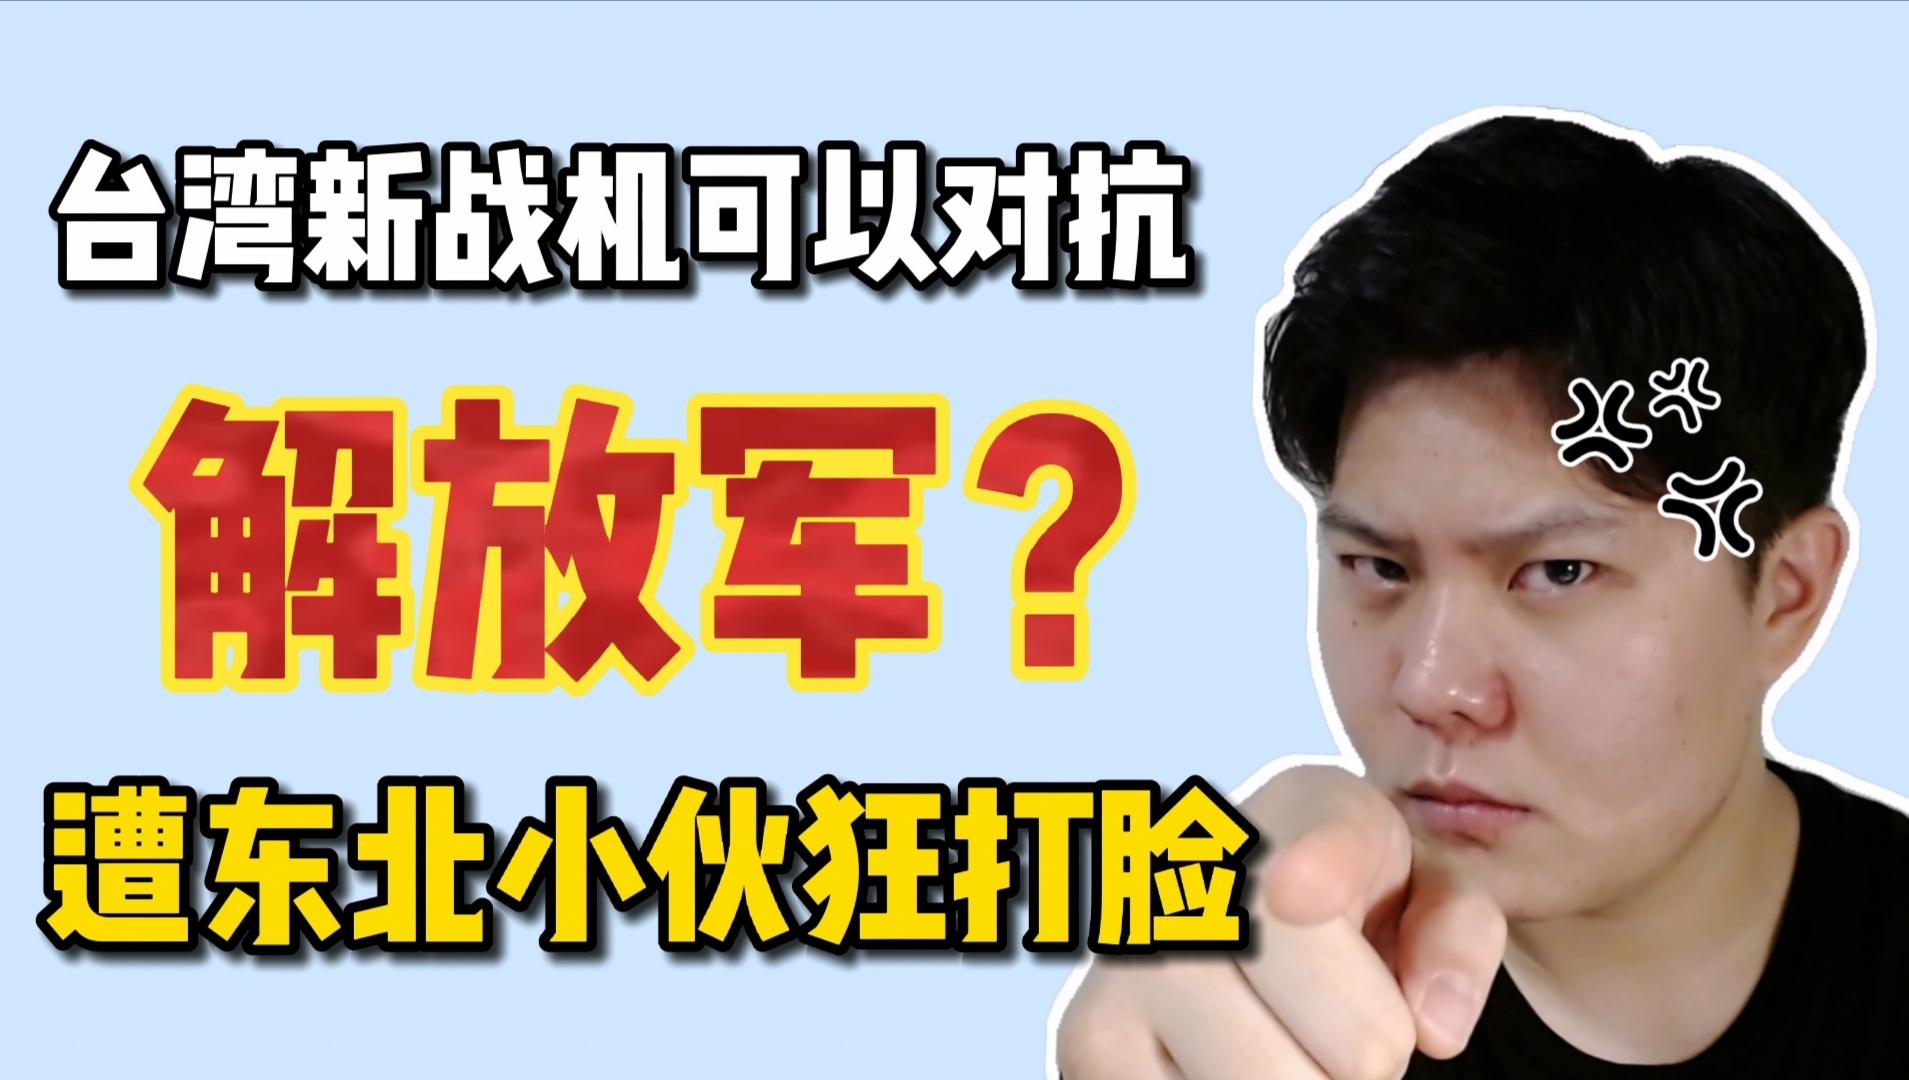 绿媒扬言台湾新战机可以对抗解放军?遭东北小伙狠打脸!图片